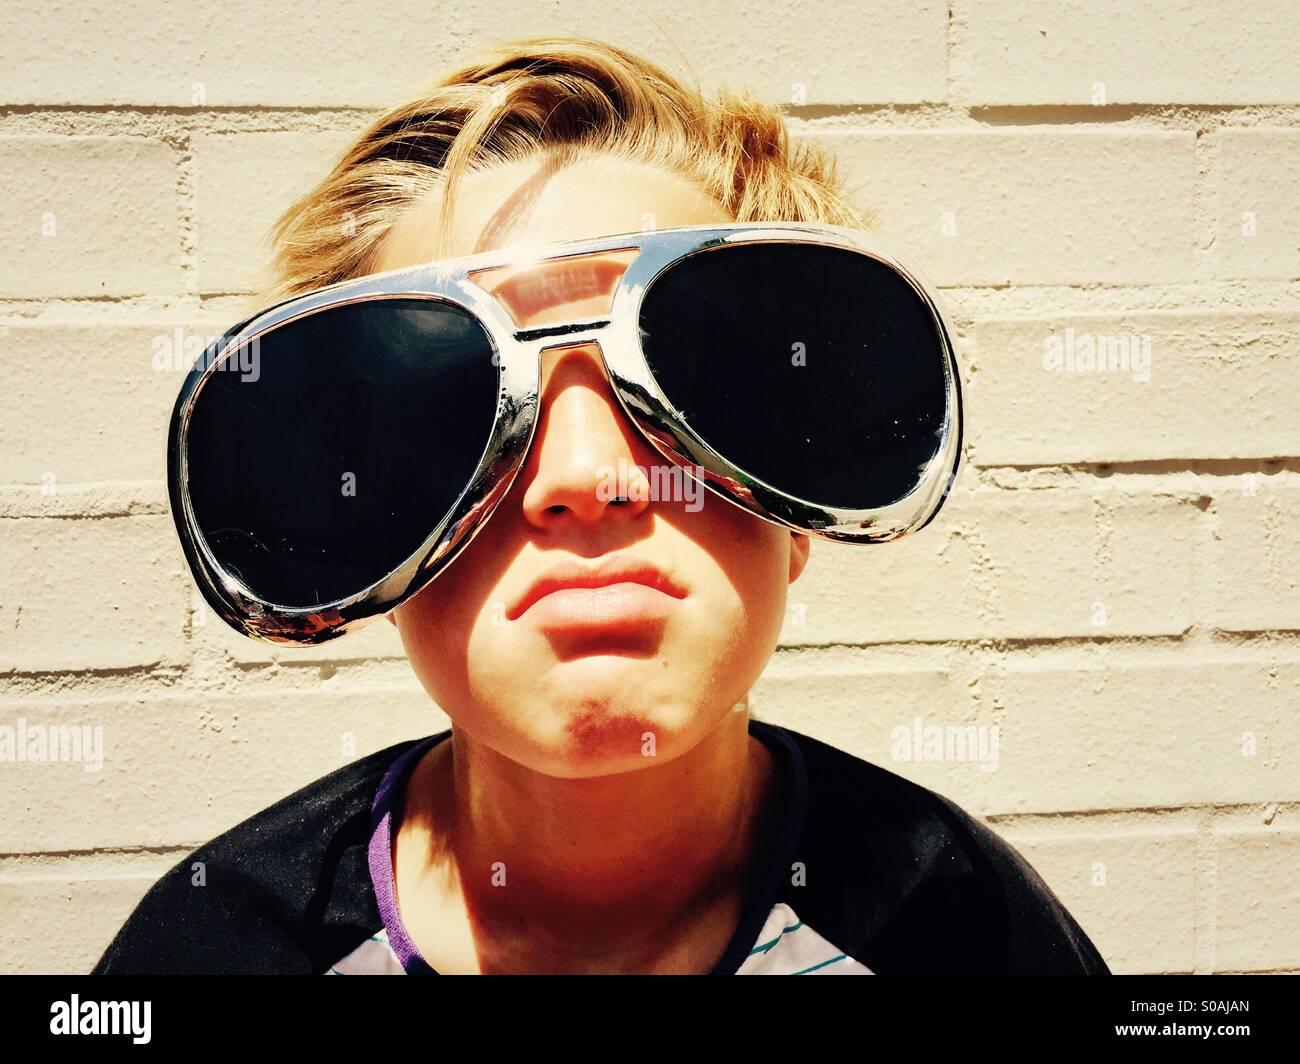 Chico con actitud en un día soleado Imagen De Stock